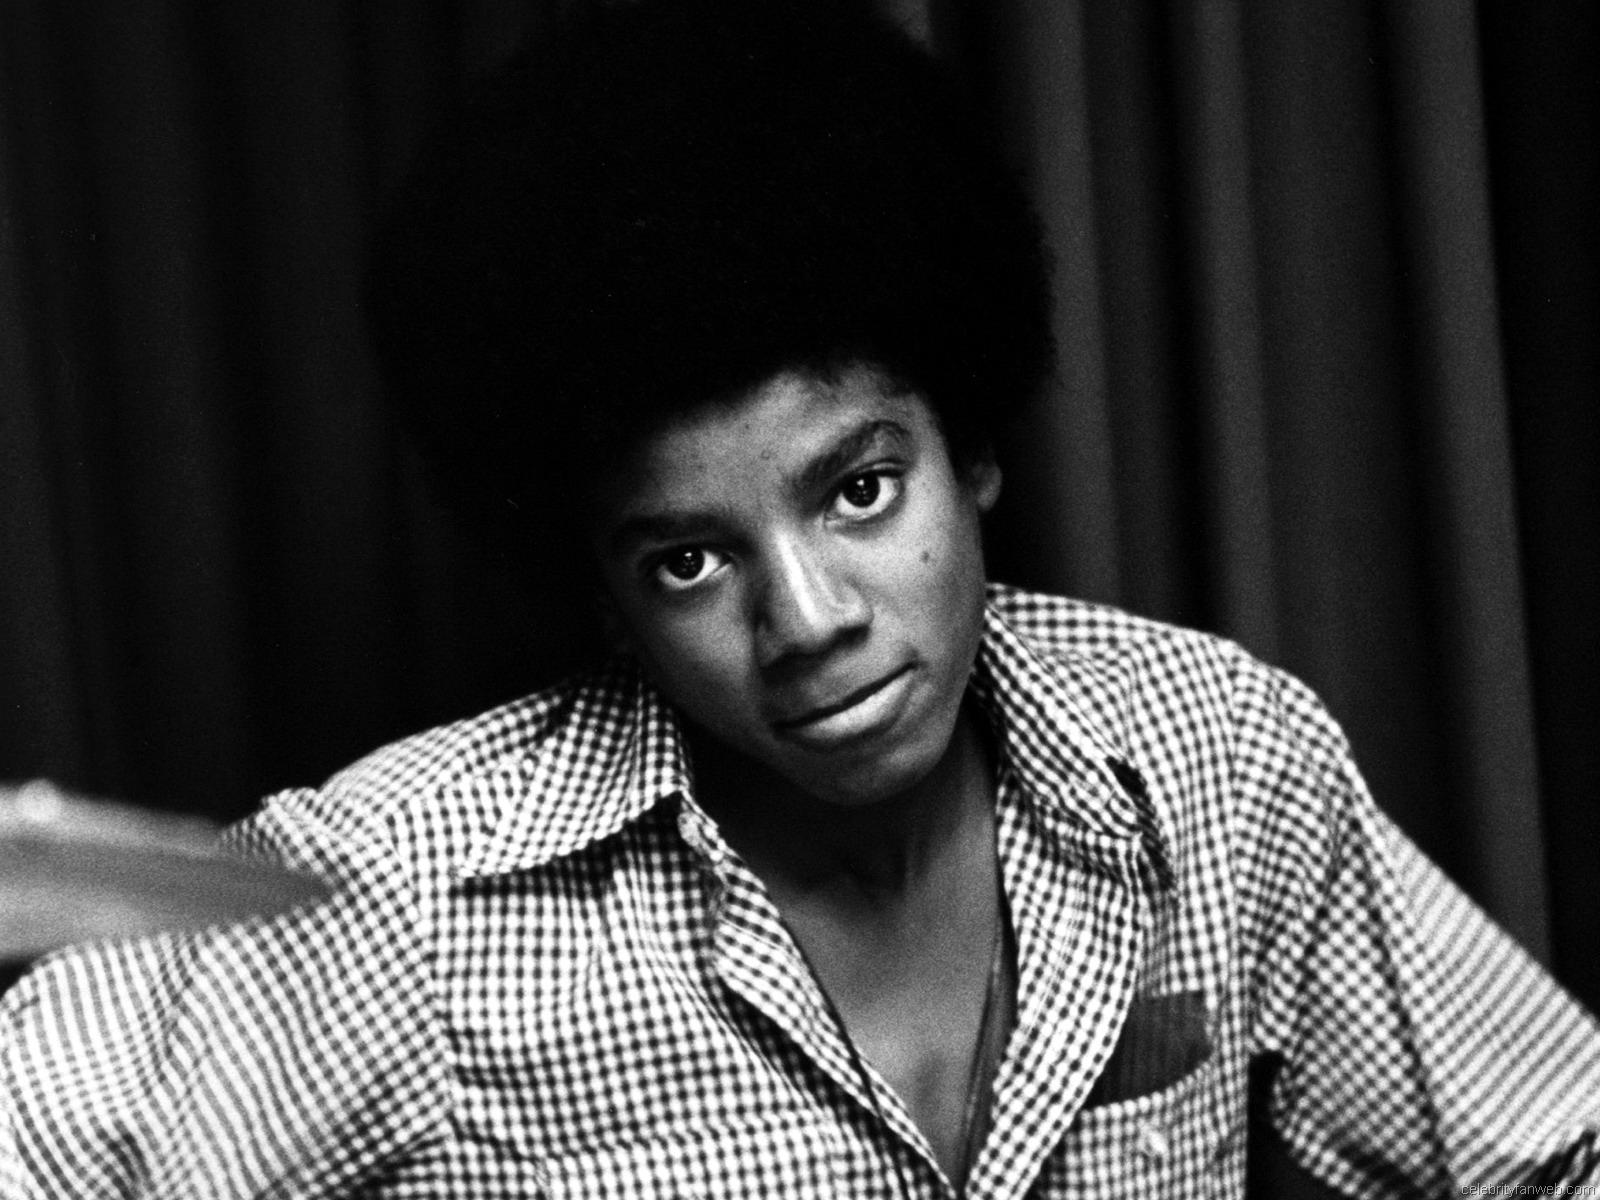 http://3.bp.blogspot.com/-JcBOFSUa8F8/TgRhF9C5UOI/AAAAAAAABEs/N5IJAUYro4Q/s1600/Michael+Jackson+Wallpaper+6.jpg